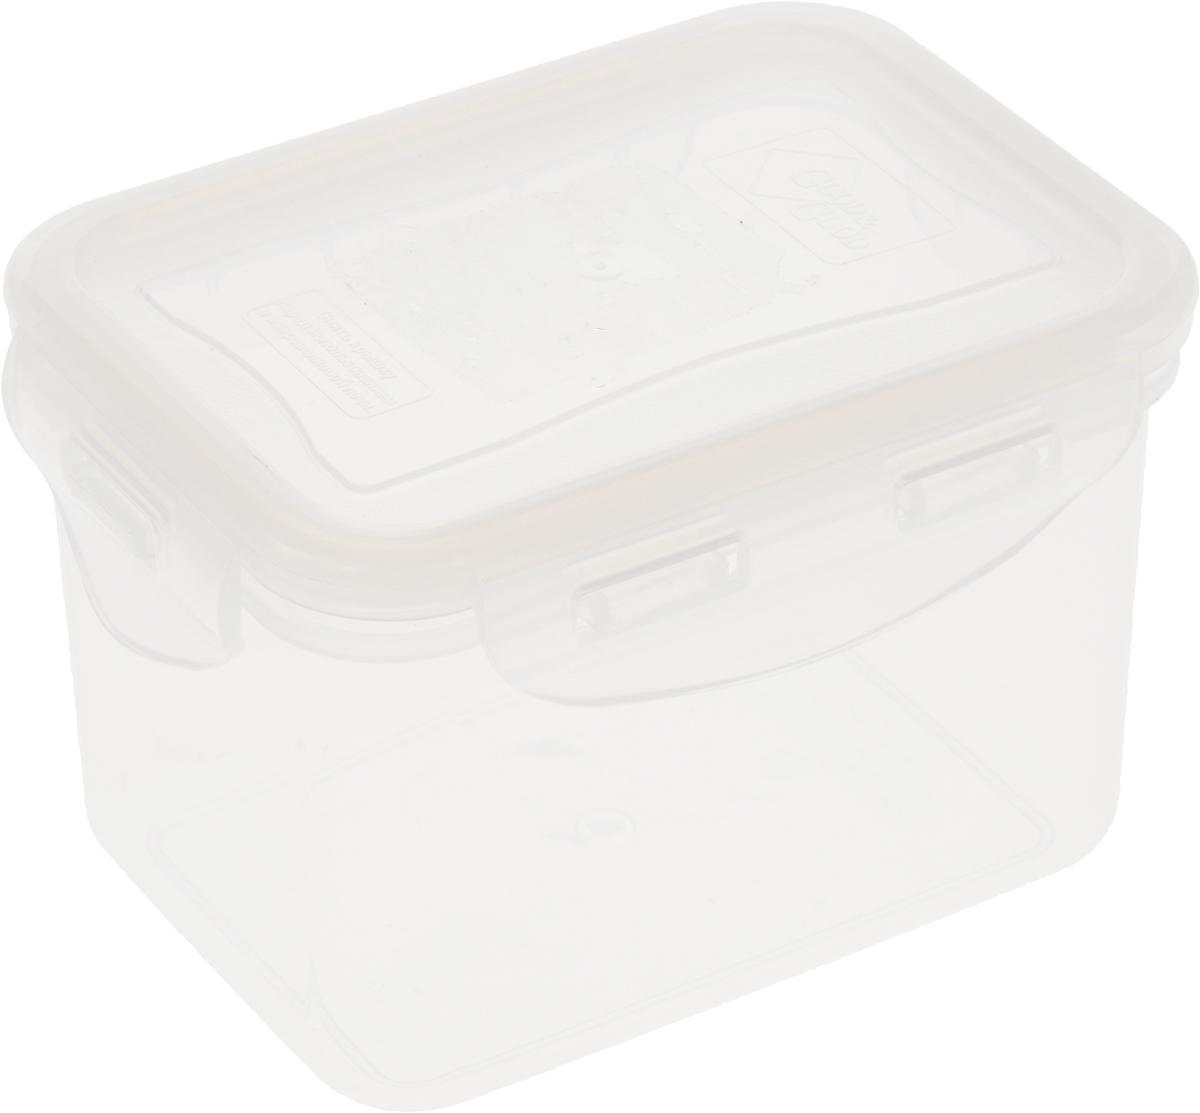 Контейнер пищевой Good&Good, цвет: прозрачный, 630 мл02-2_прозрачныйПрямоугольный контейнер Good&Good изготовлен из высококачественного полипропилена и предназначен для хранения любых пищевых продуктов. Благодаря особым технологиям изготовления, лотки в течение времени службы не меняют цвет и не пропитываются запахами. Крышка с силиконовой вставкой герметично защелкивается специальным механизмом. Контейнер Good&Good удобен для ежедневного использования в быту. Можно мыть в посудомоечной машине и использовать в микроволновой печи. Размер контейнера (с учетом крышки): 13 х 10 х 8,5 см.